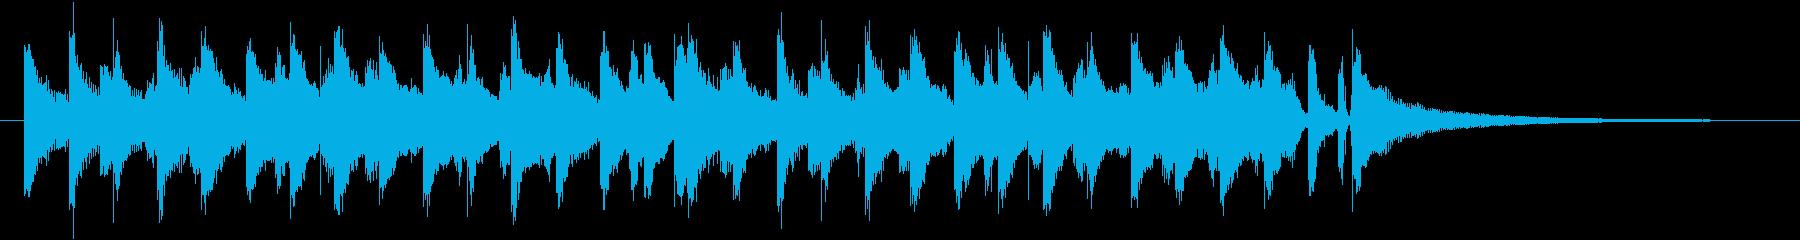 冬にピッタリなコーポレート系ジングルの再生済みの波形